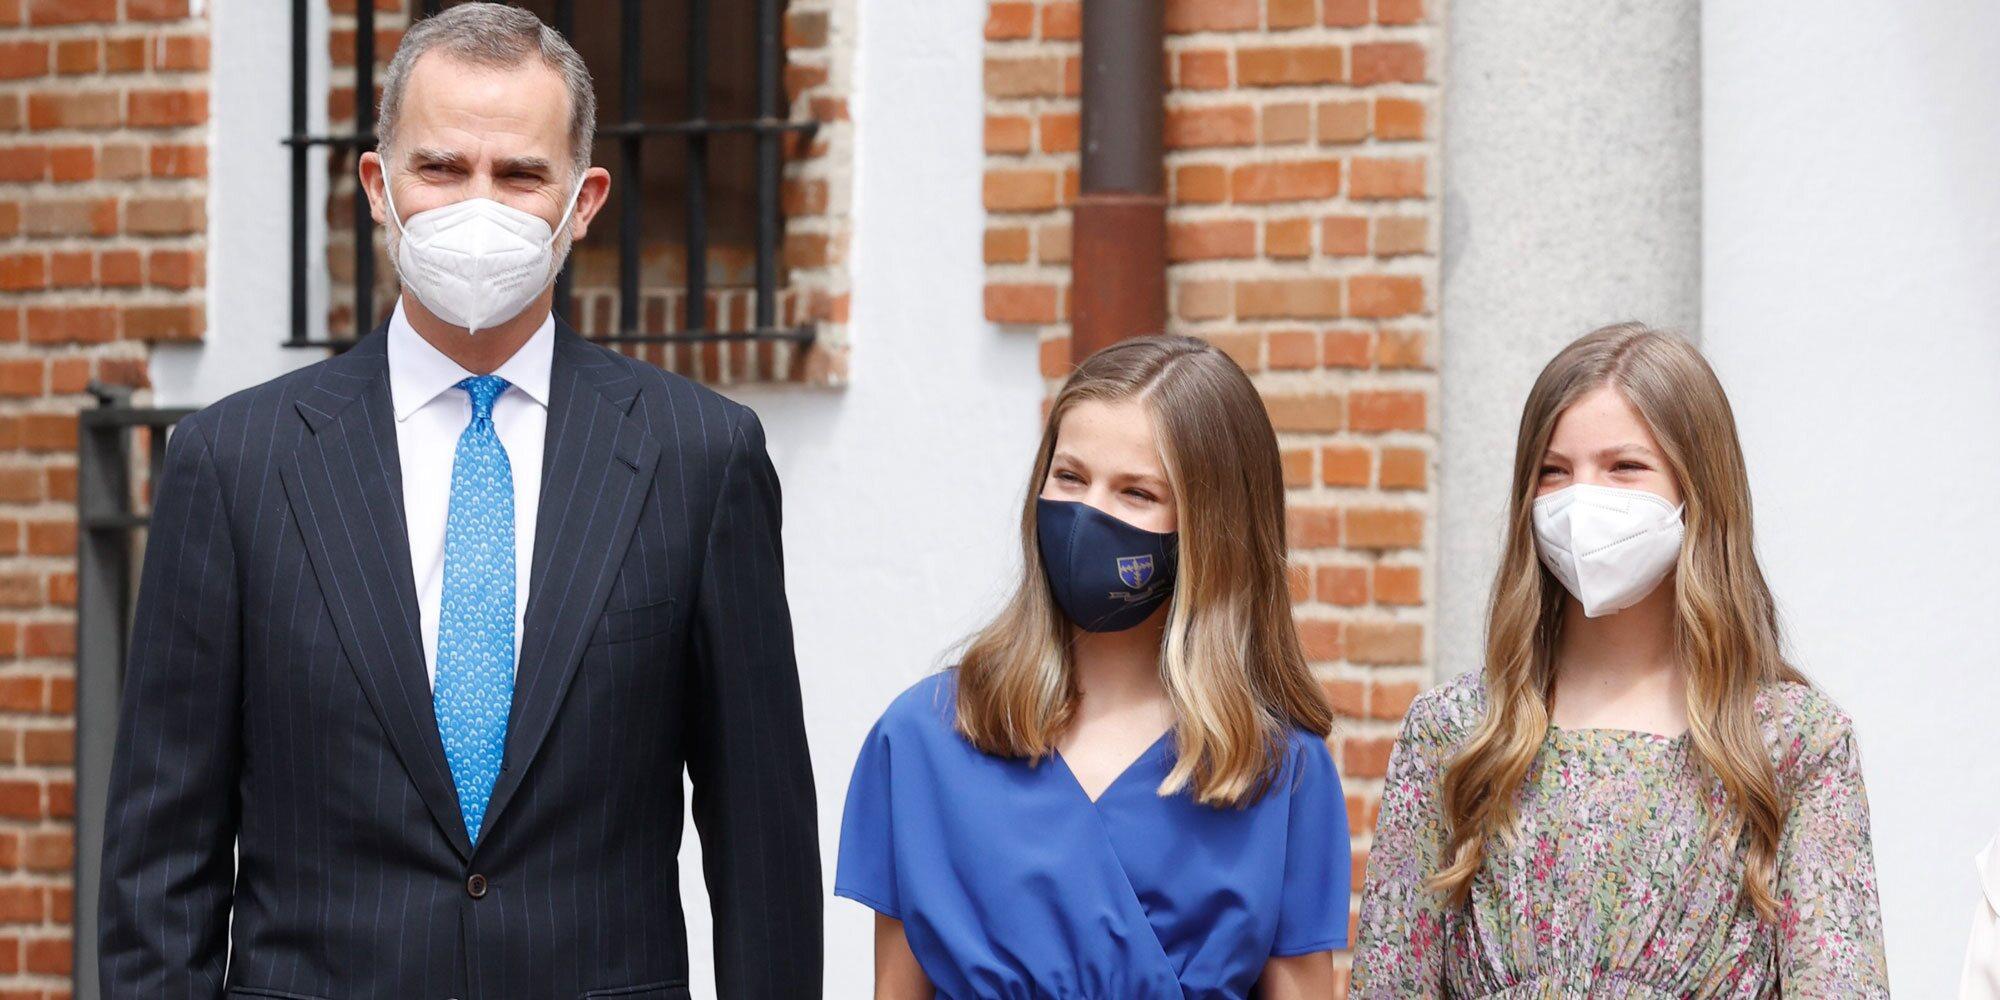 El error de Casa Real con el Rey Felipe y el acierto con la Princesa Leonor y la Infanta Sofía